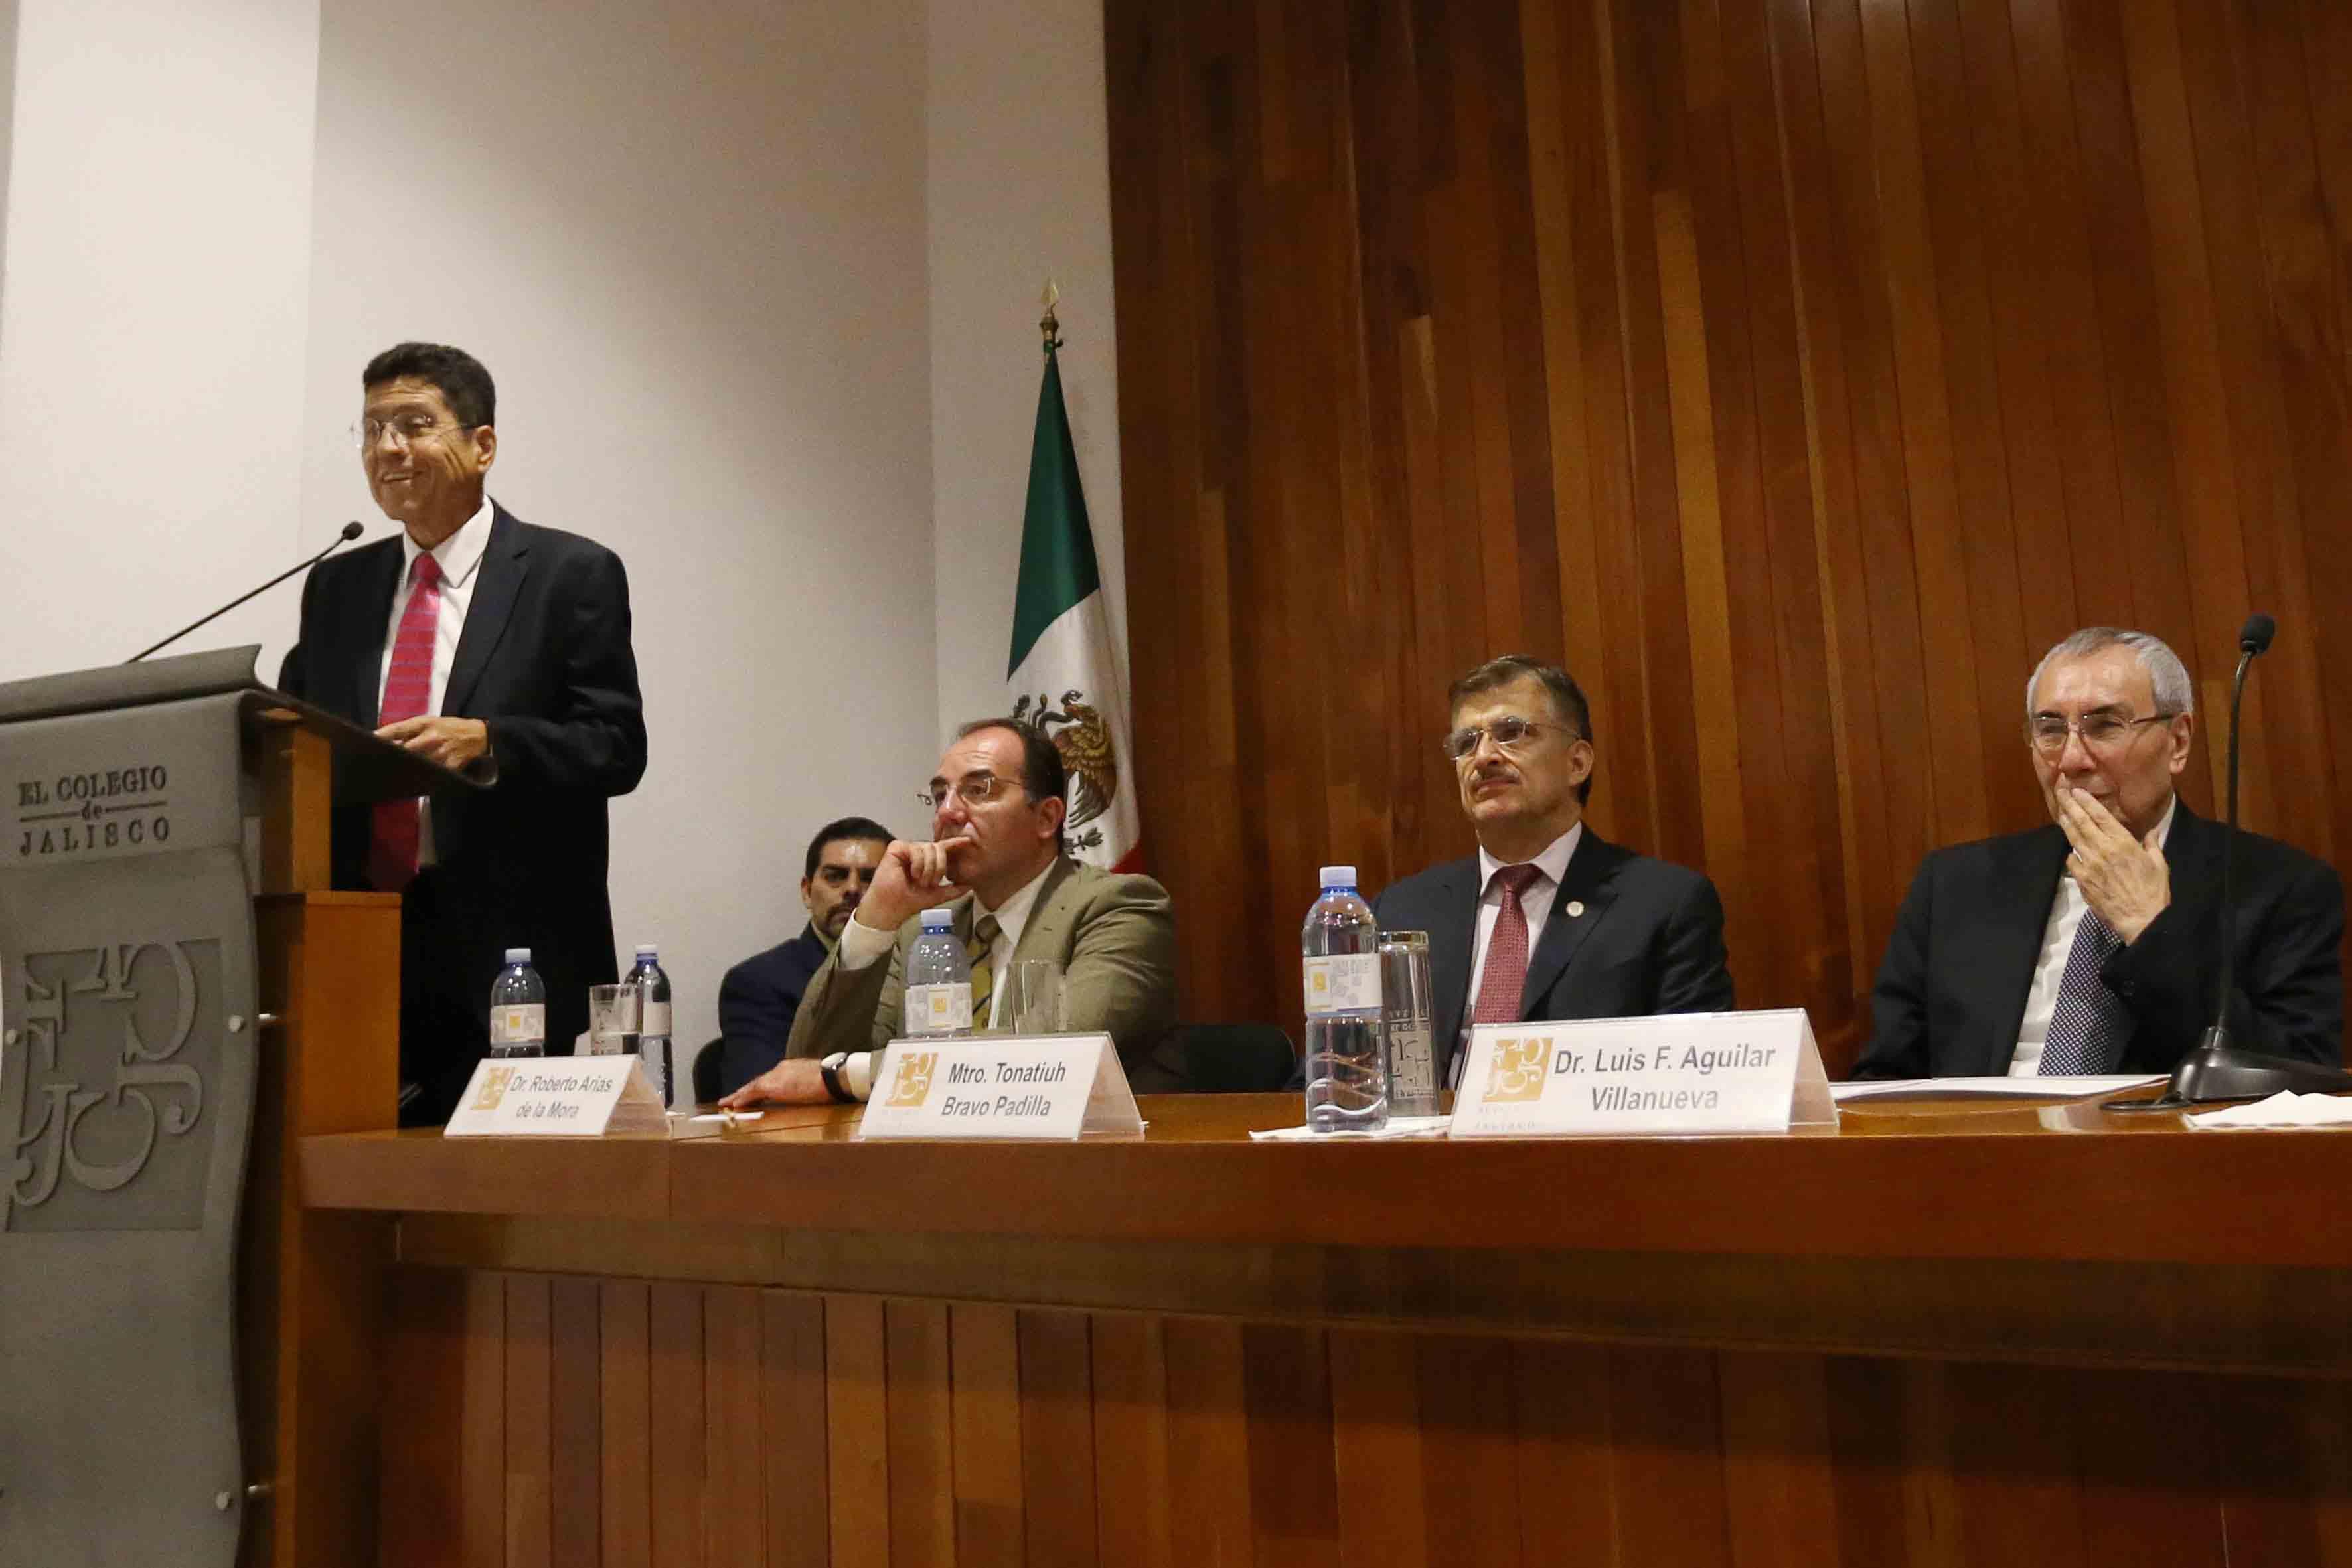 Maestro Itzcóatl Tonatiuh Bravo Padilla, Rector General de la Universidad de Guadalajara y miembro del presídium, participando en la ceremonia.